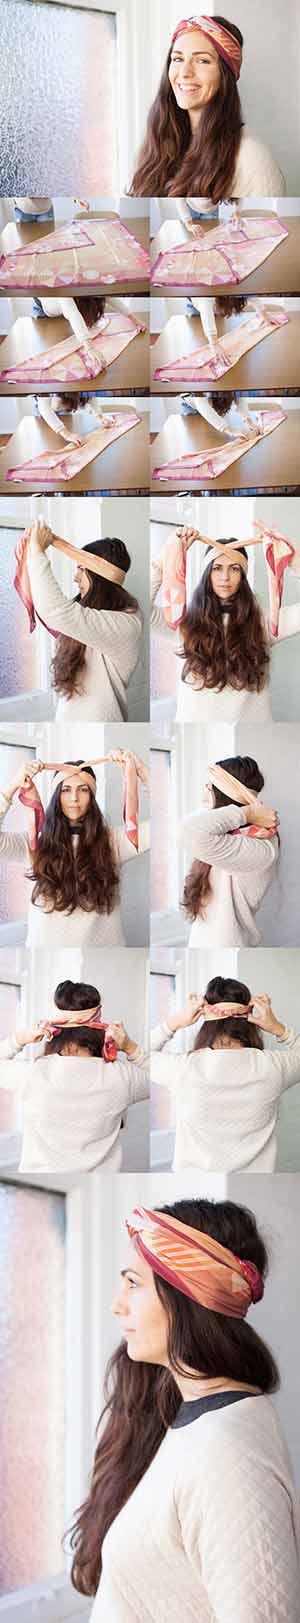 آموزش بستن روسری به عنوان یک هد بند